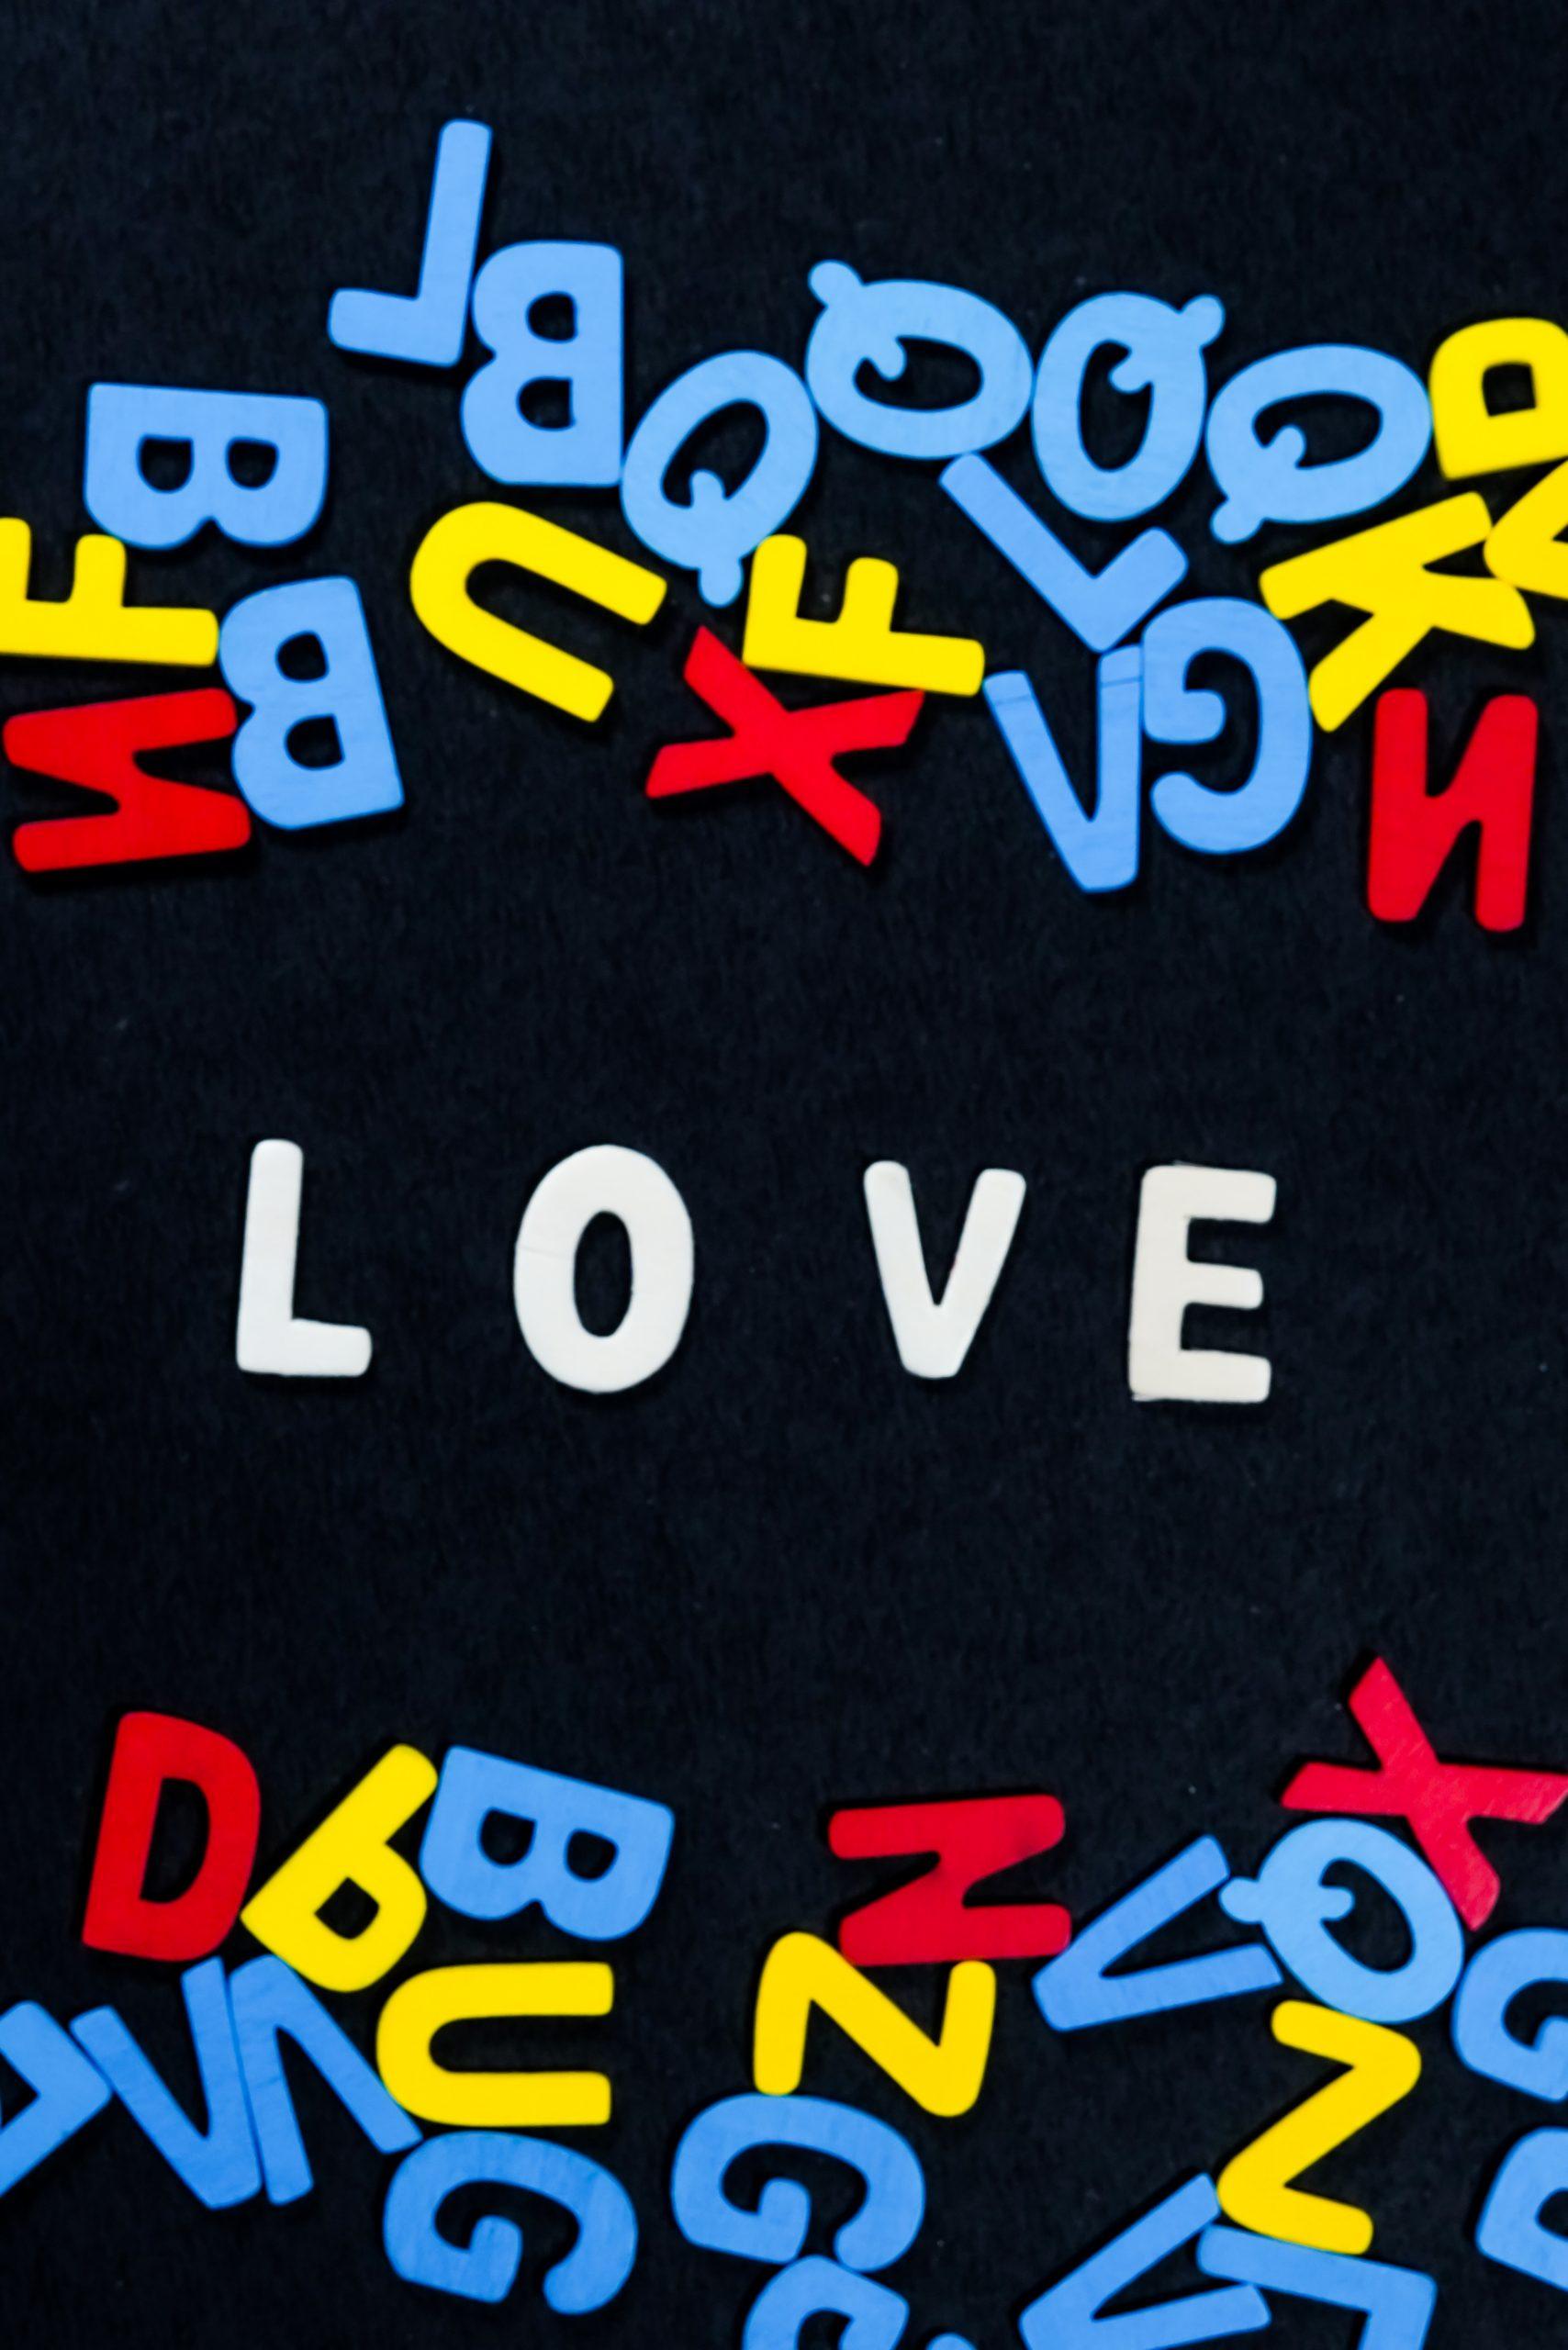 Love written with scrabble